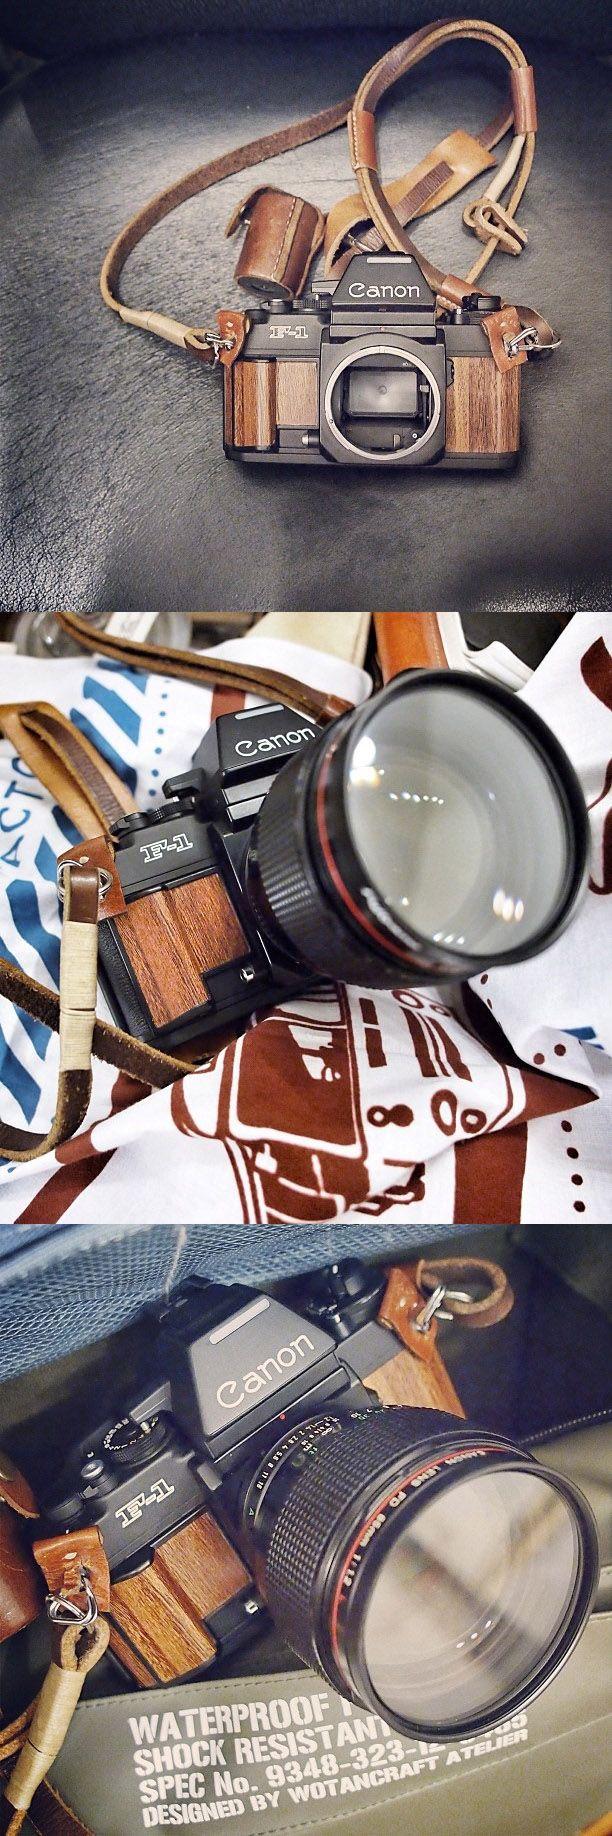 Canon F1 in Wood Interpretation